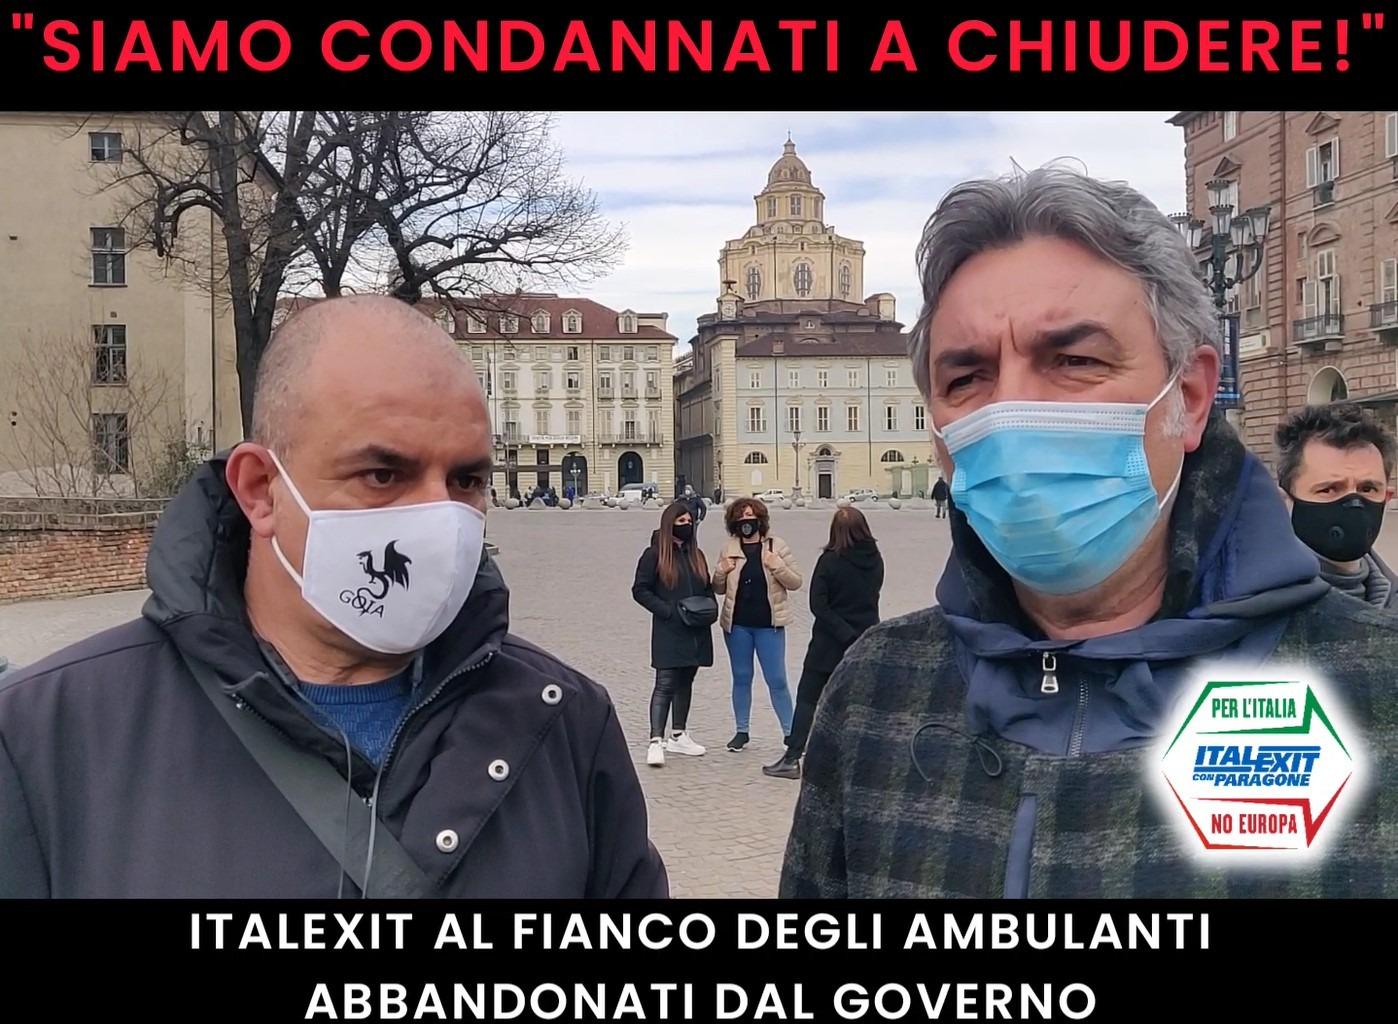 - ITALEXIT AL FIANCO DEGLI AMBULANTI -